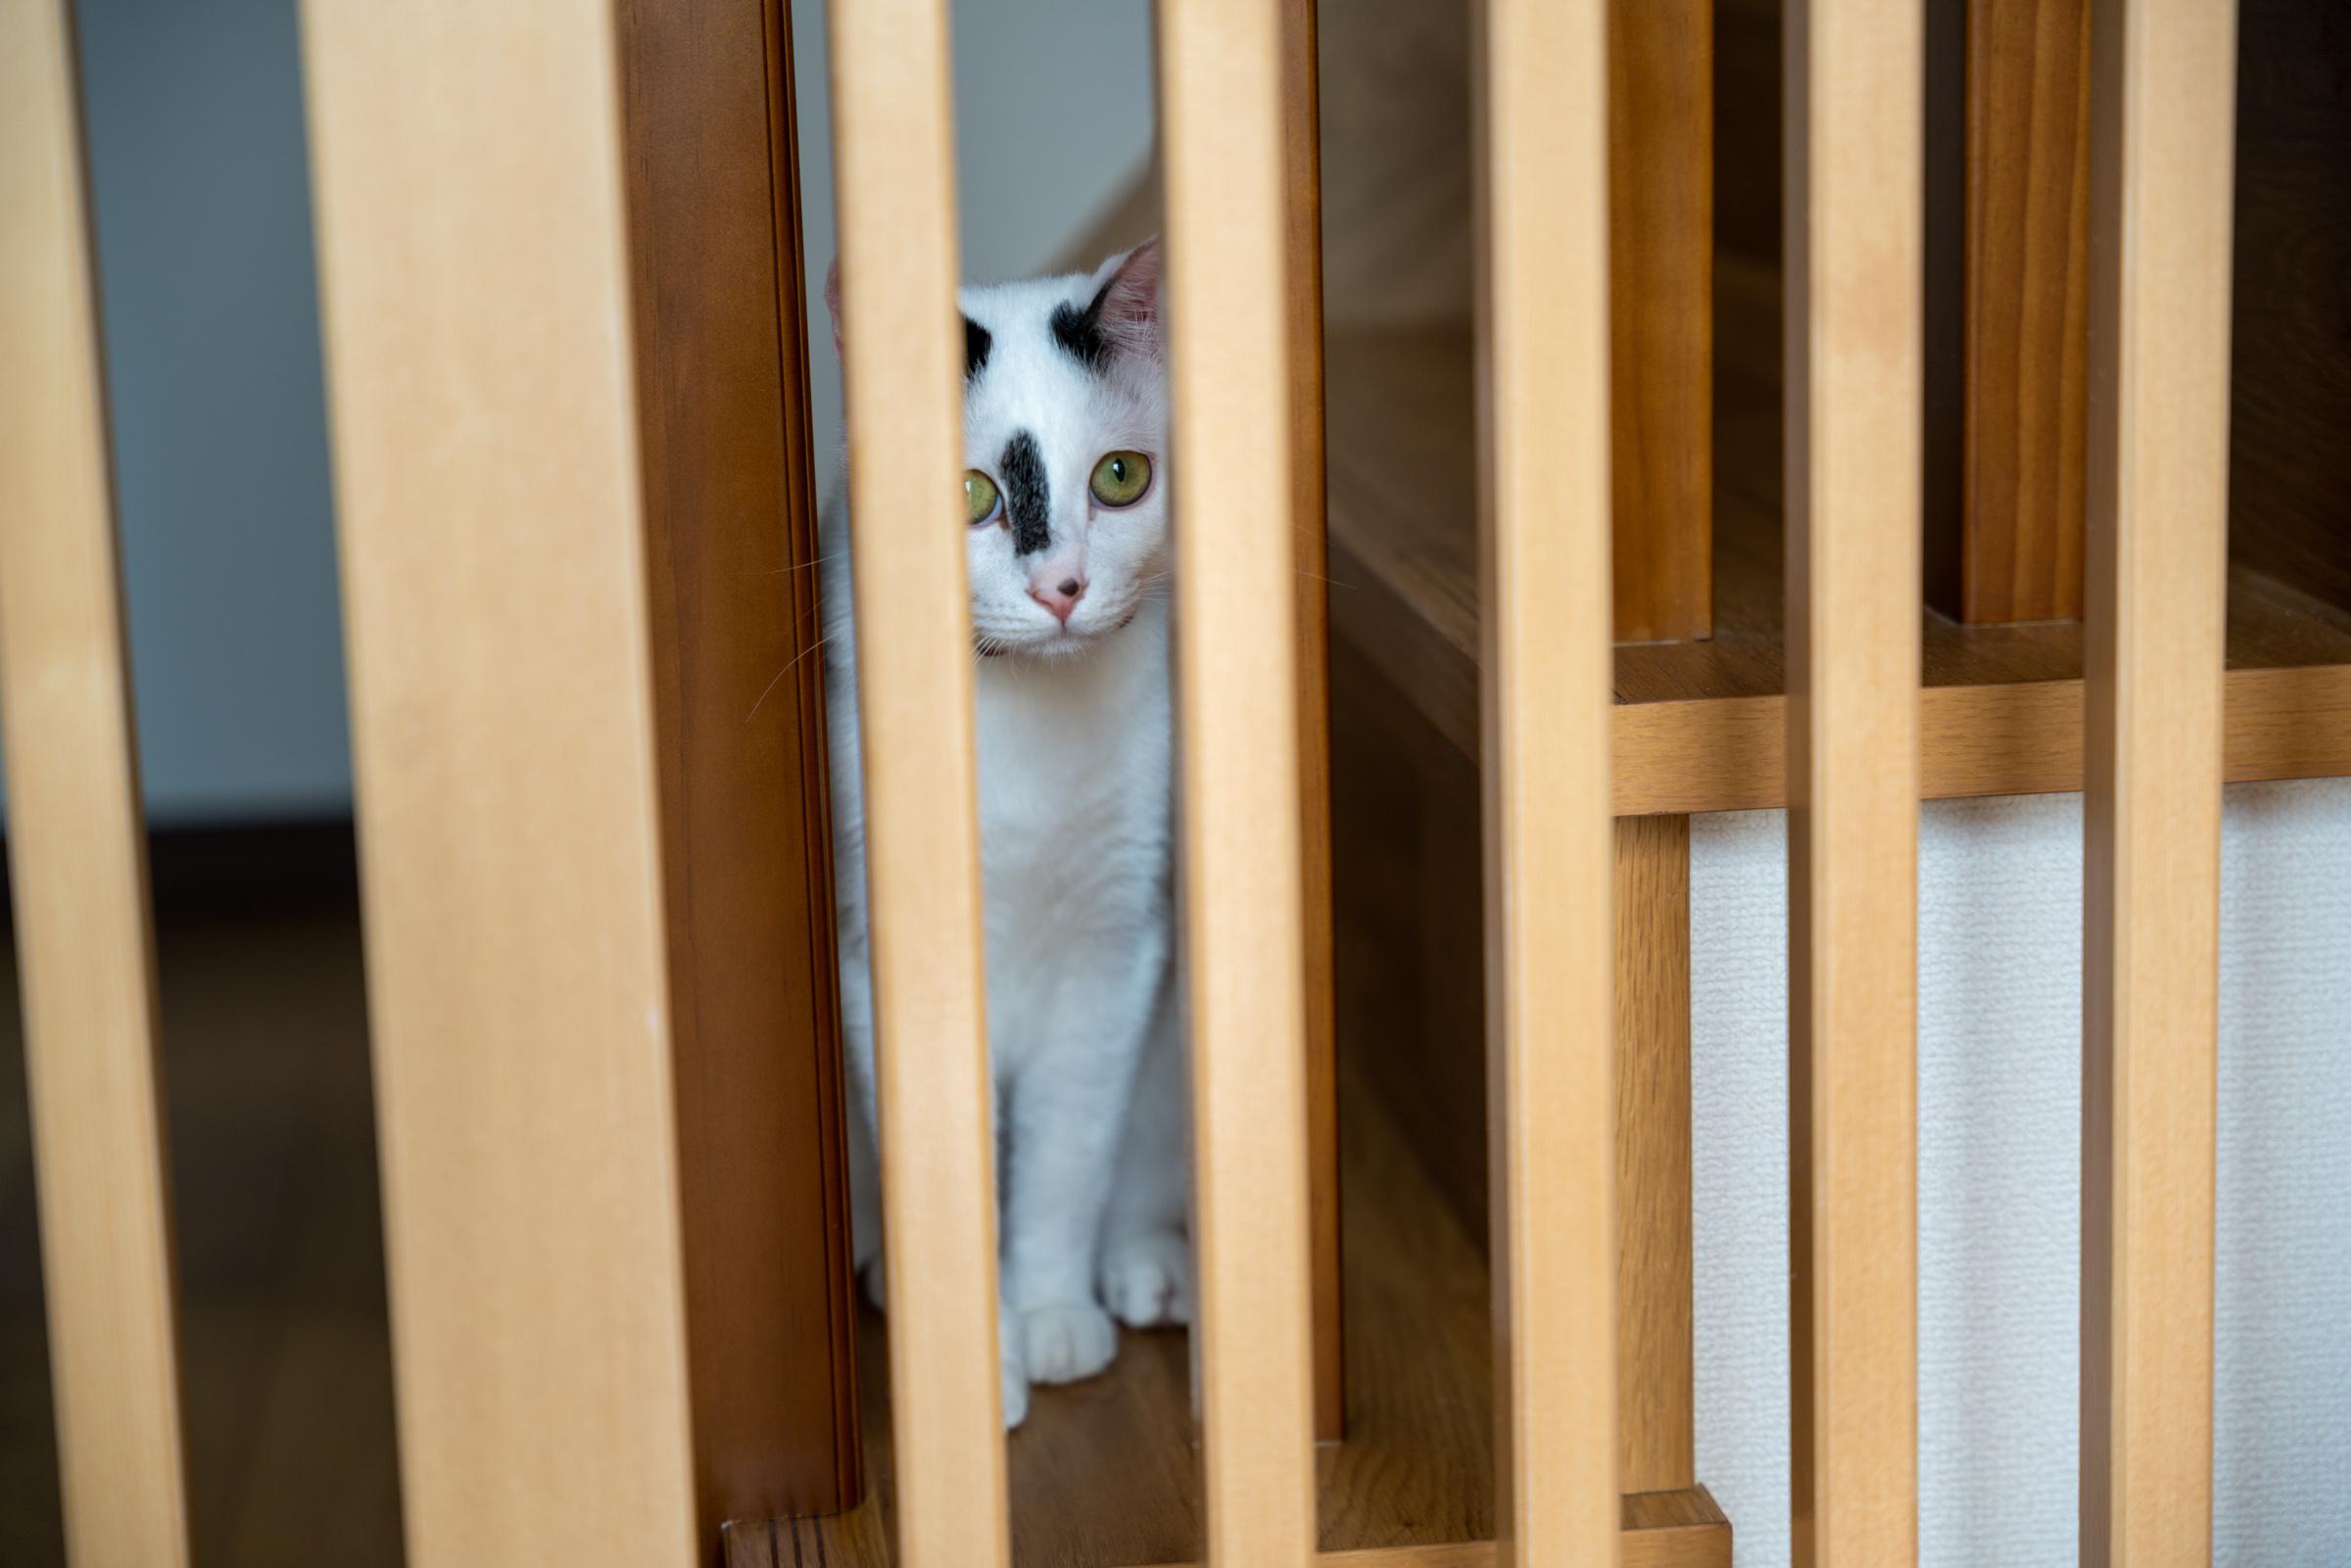 格子の隙間から愛猫のお迎え姿が見られます。